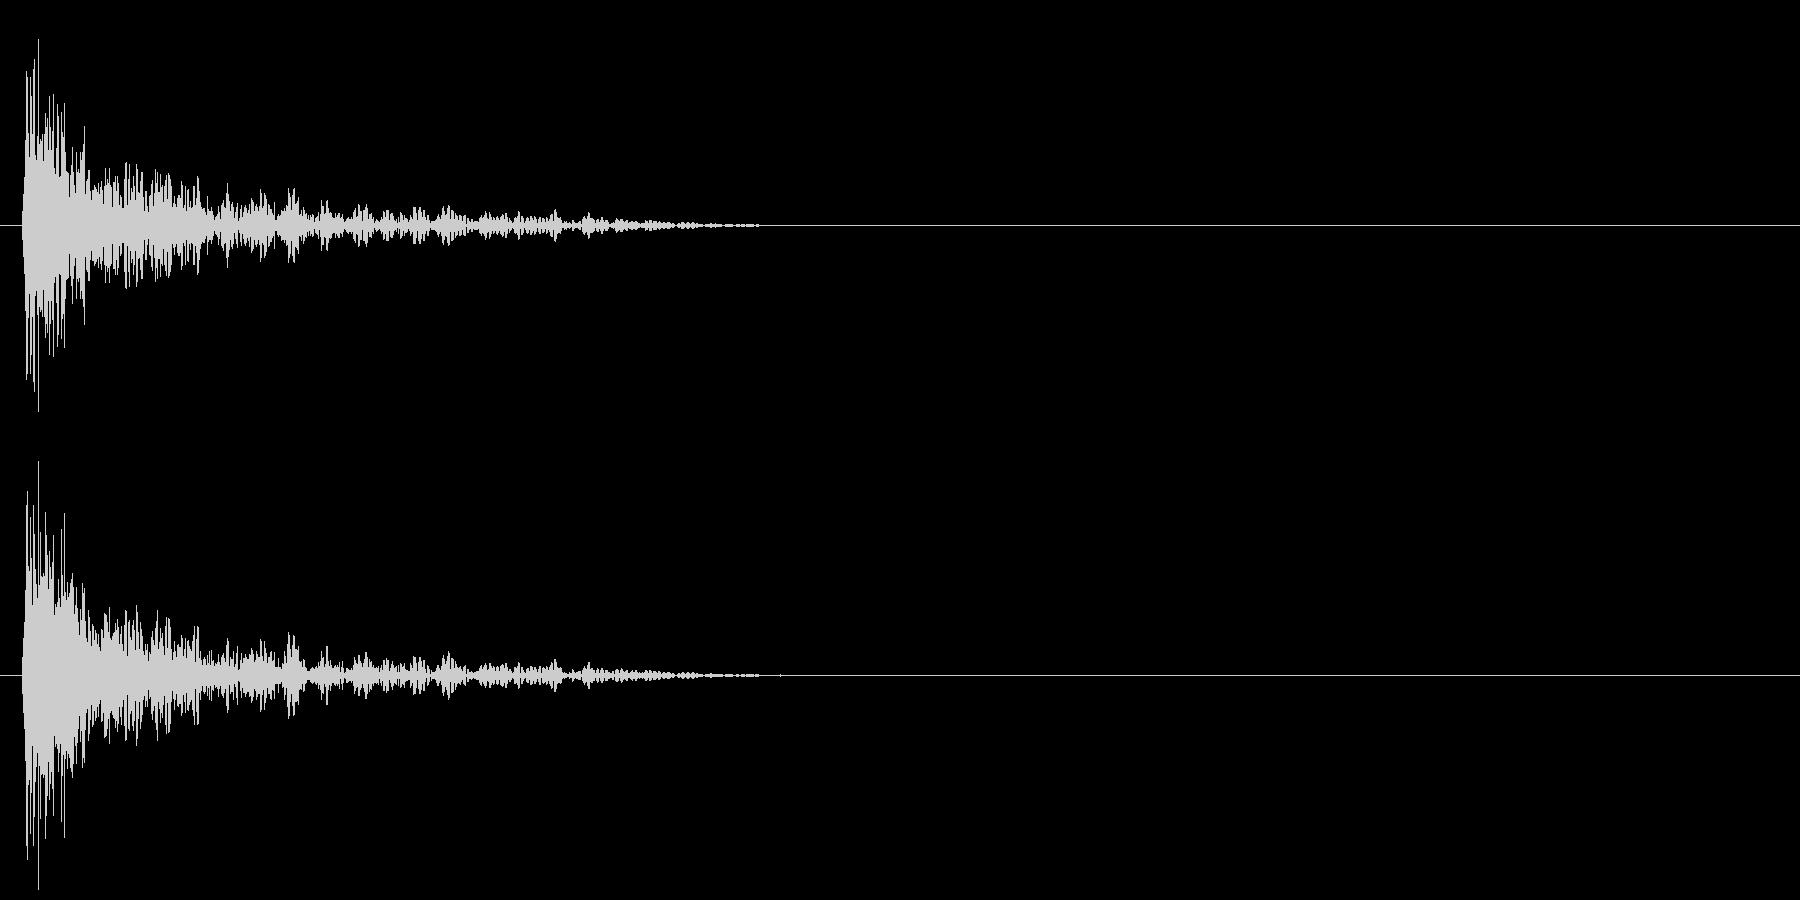 スタート音 2の未再生の波形